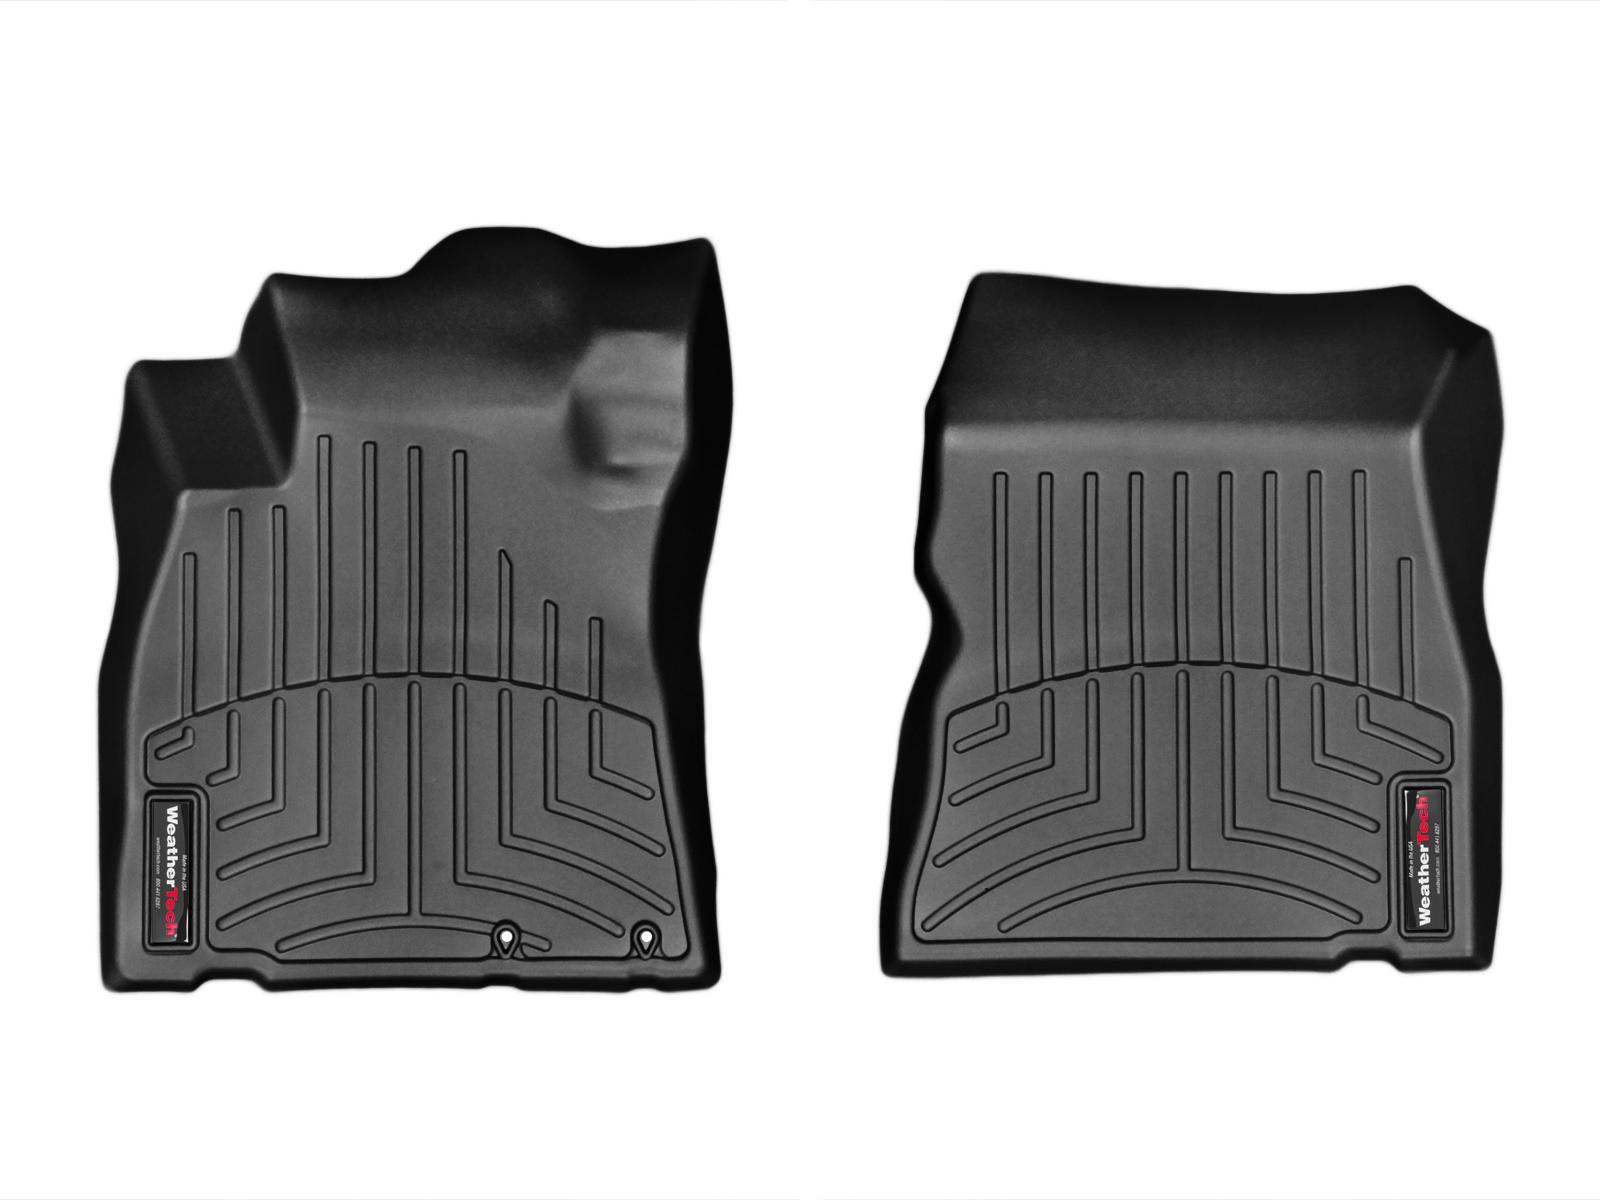 Tappeti gomma su misura bordo alto Nissan Note 13>13 Nero A2899